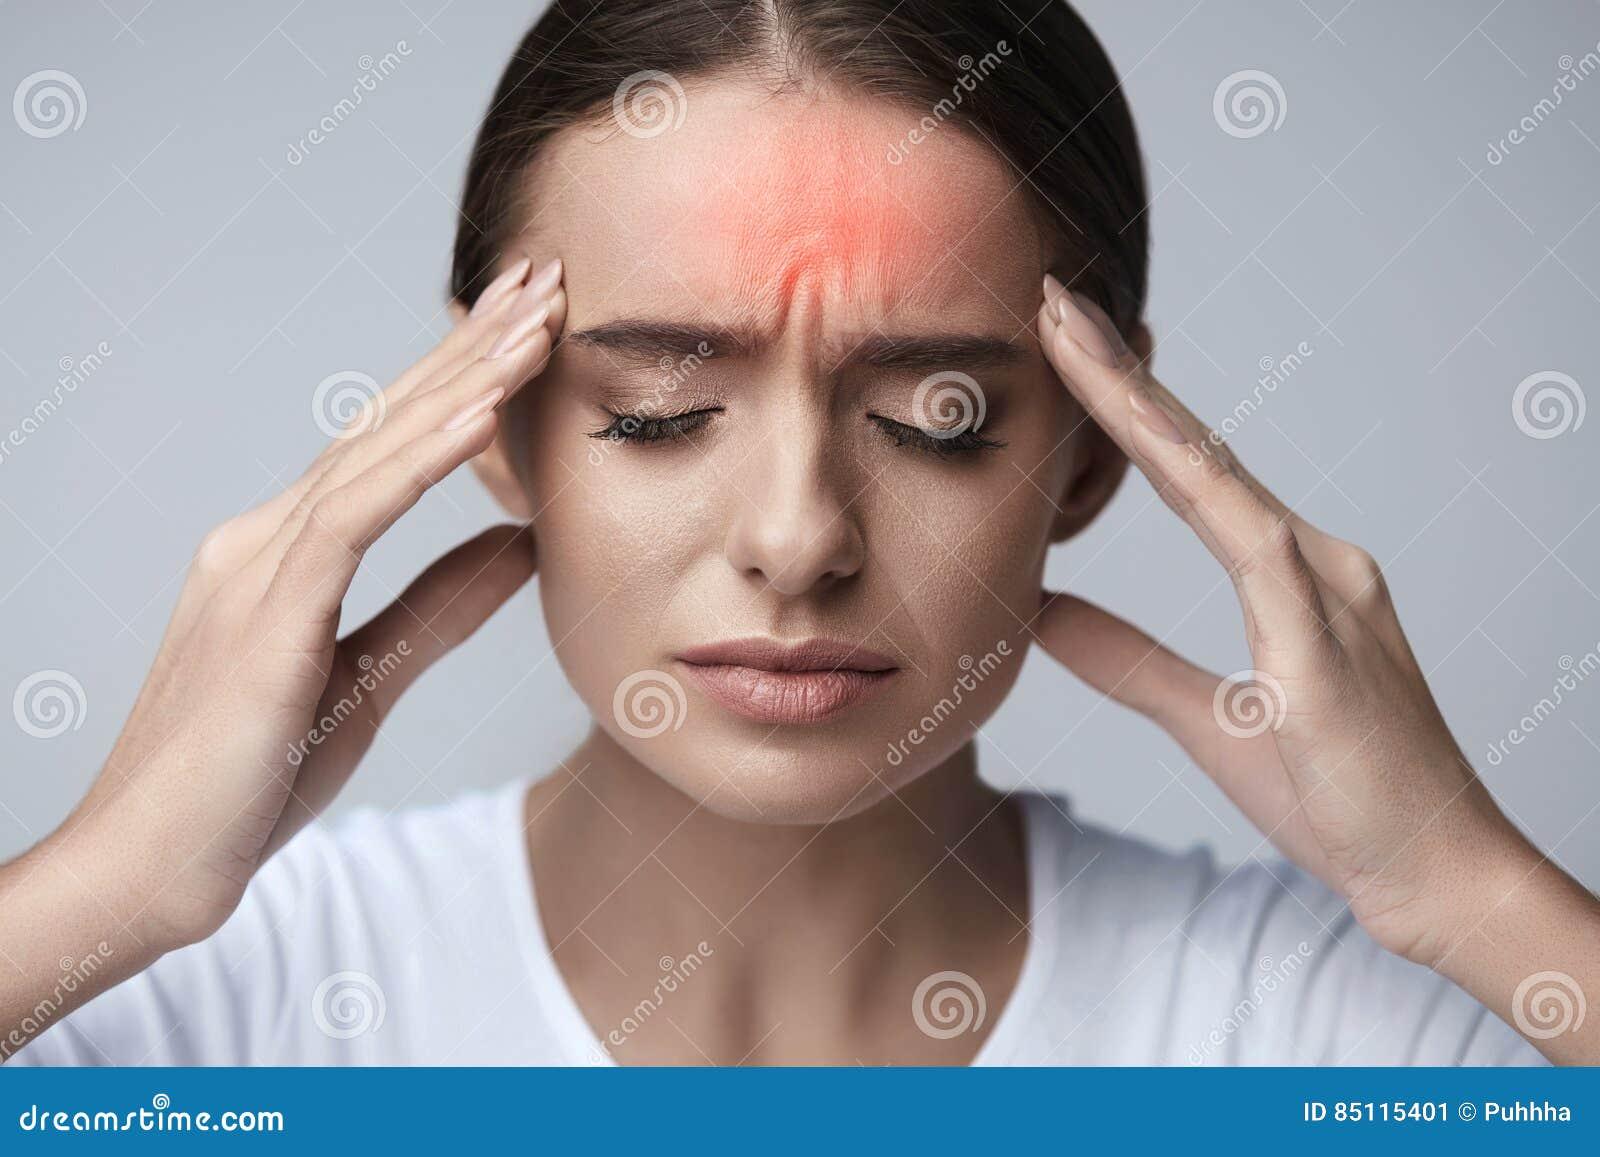 Zdrowy Piękna kobieta Ma Silną migrenę, Czuje ból